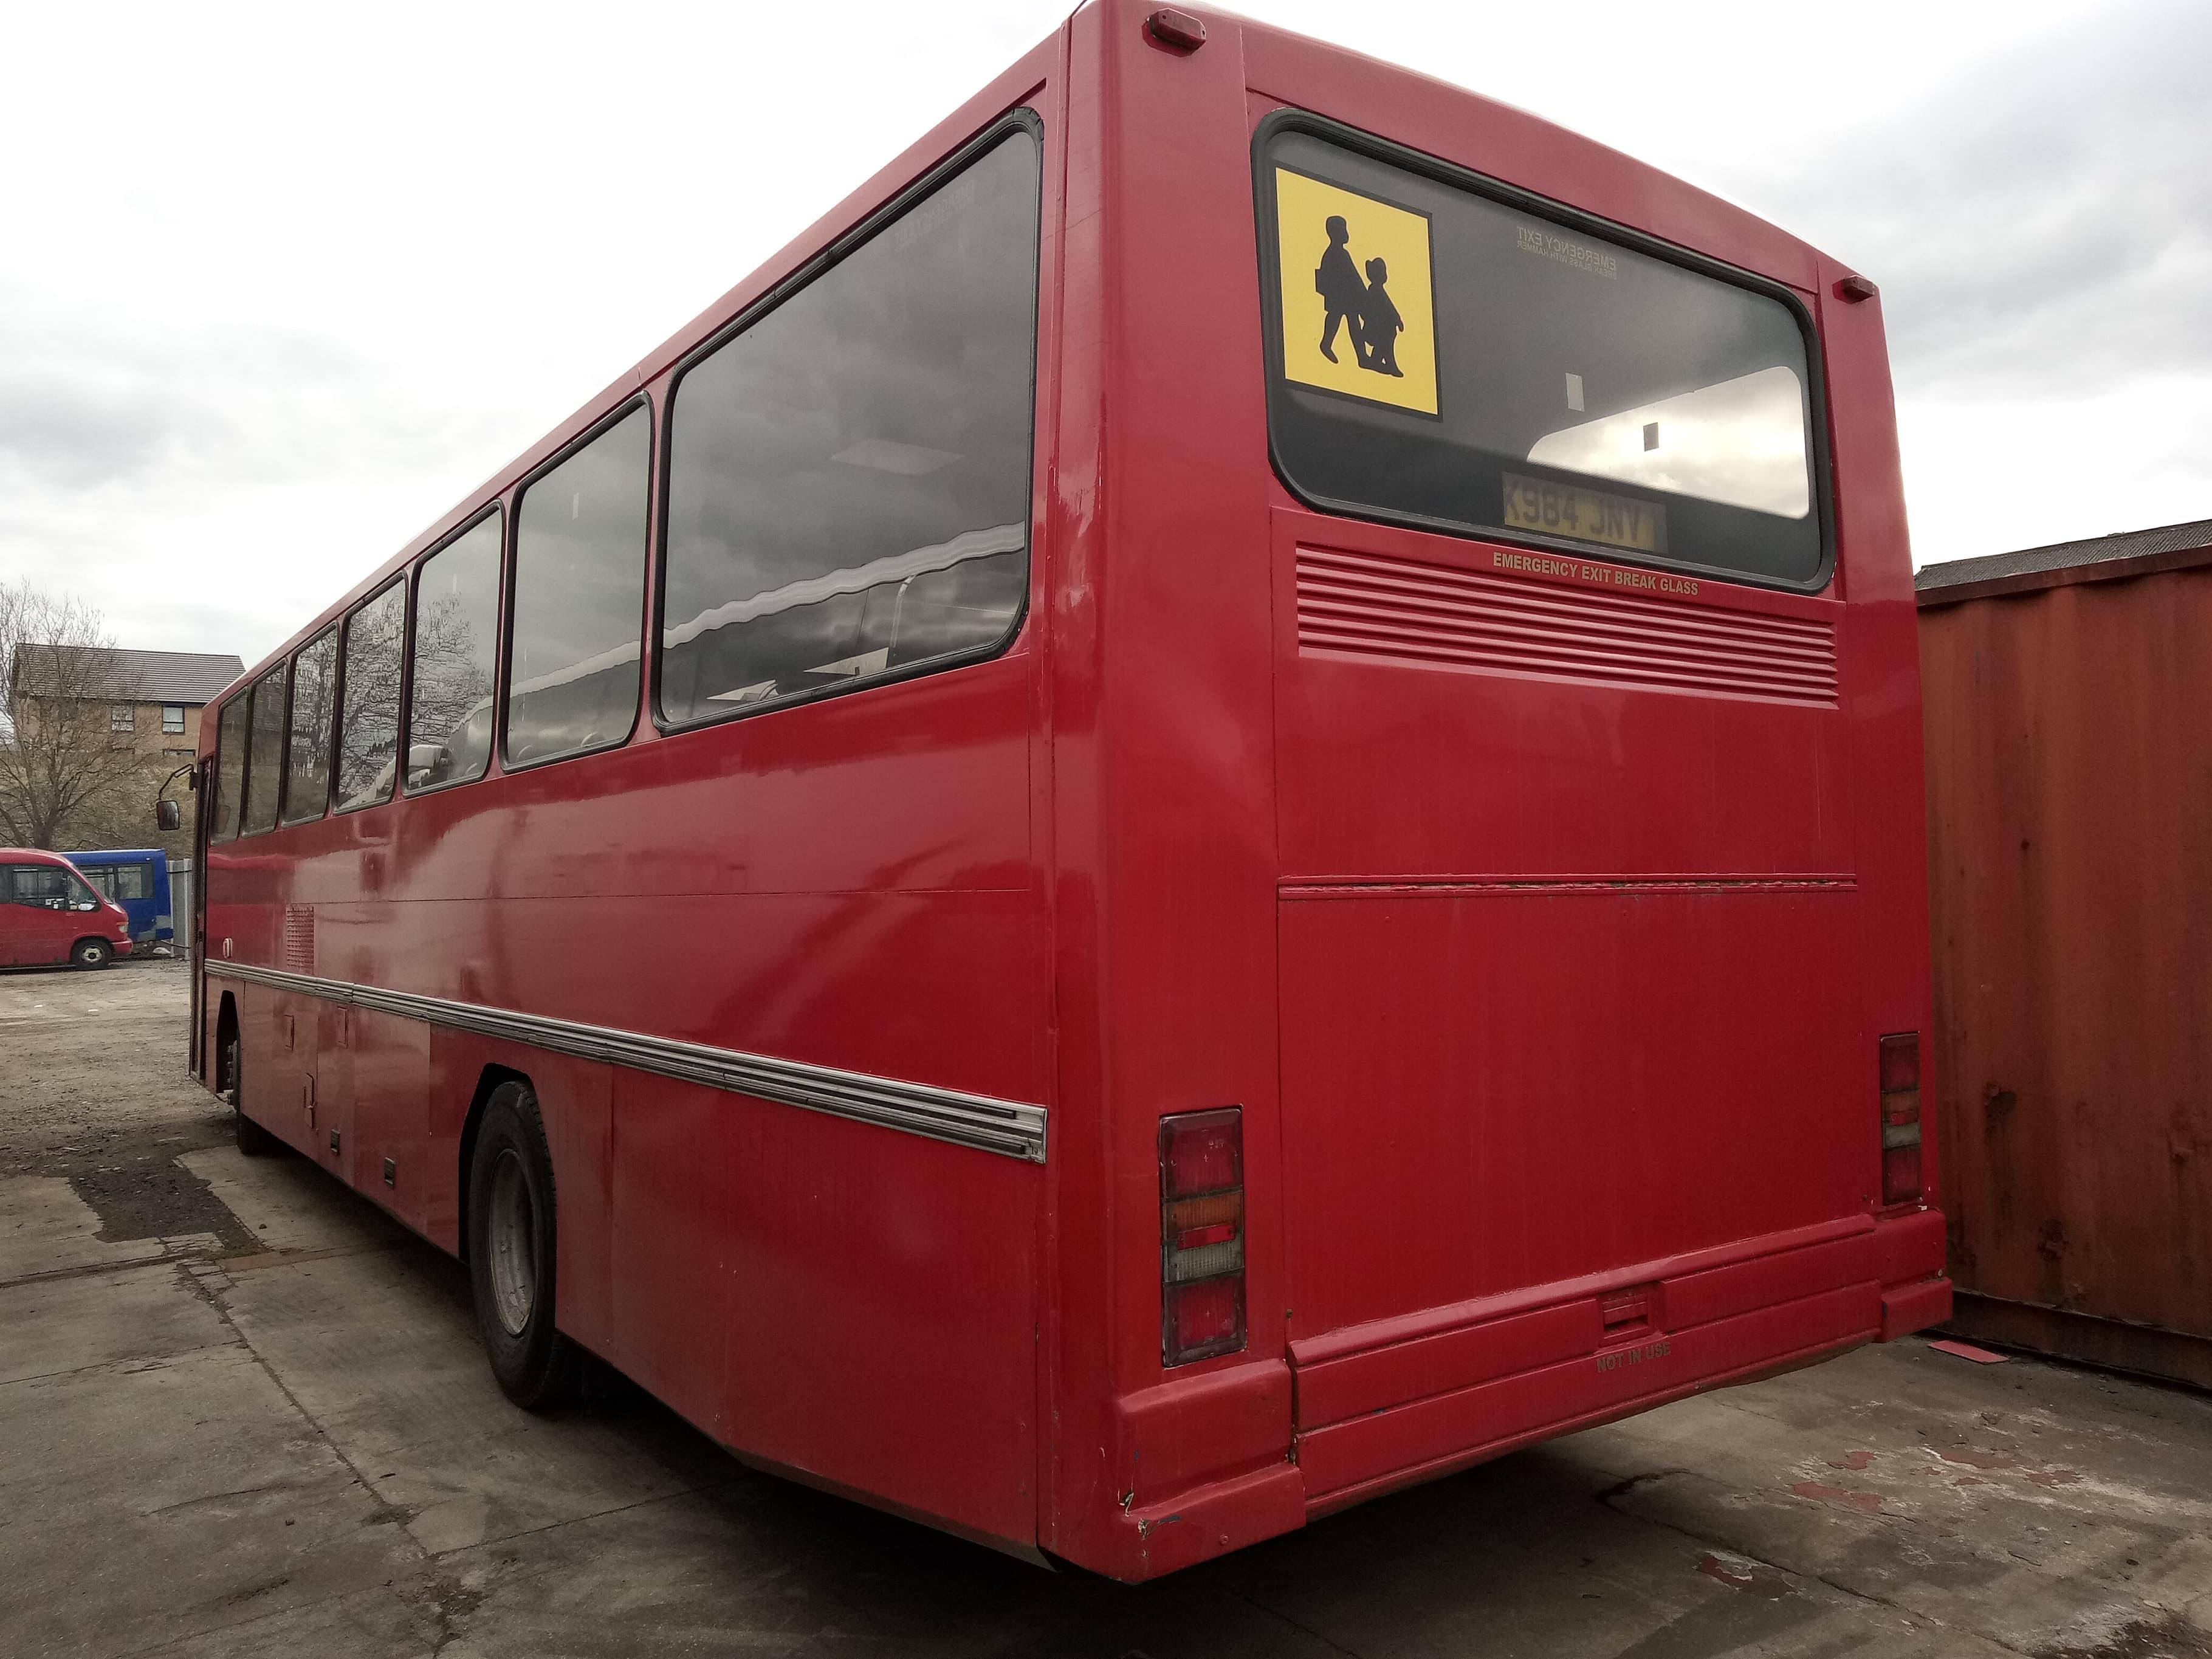 Leyland Tiger School Bus Registration K984 JNV, Date of Registration October 1992, Vehicle - Image 2 of 6